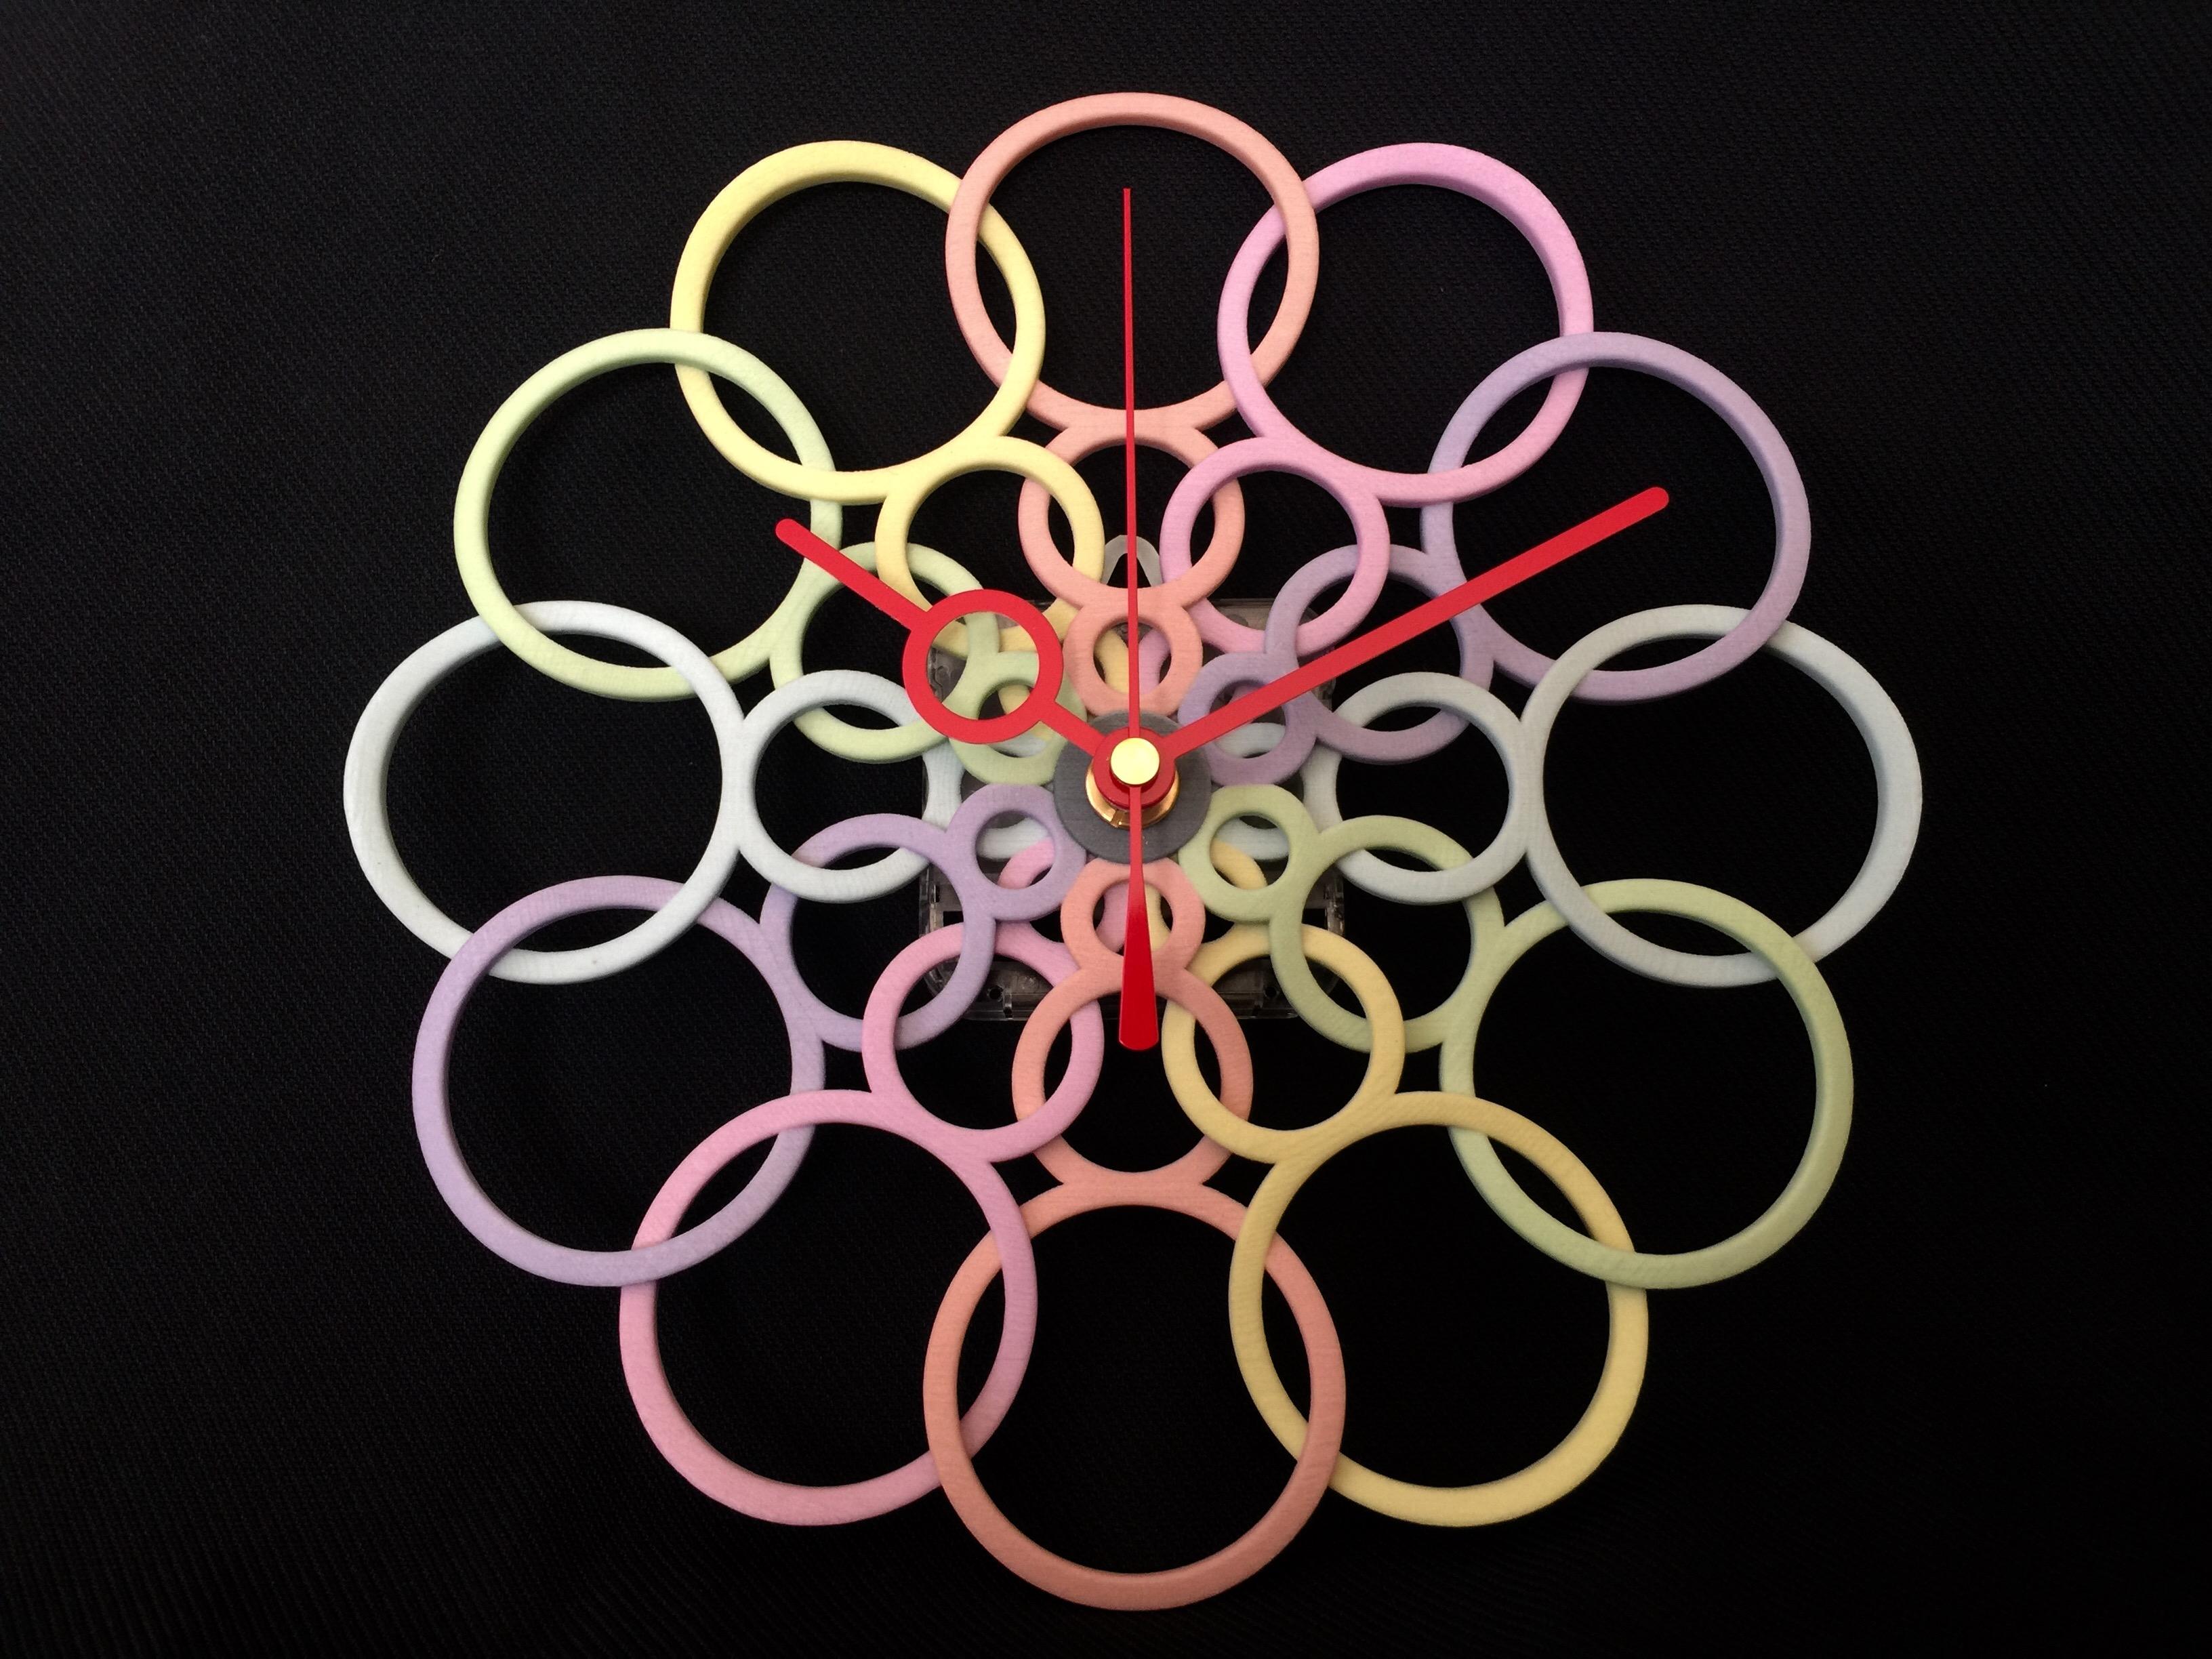 3Dプリンターを使ったアートでカラフルな時計